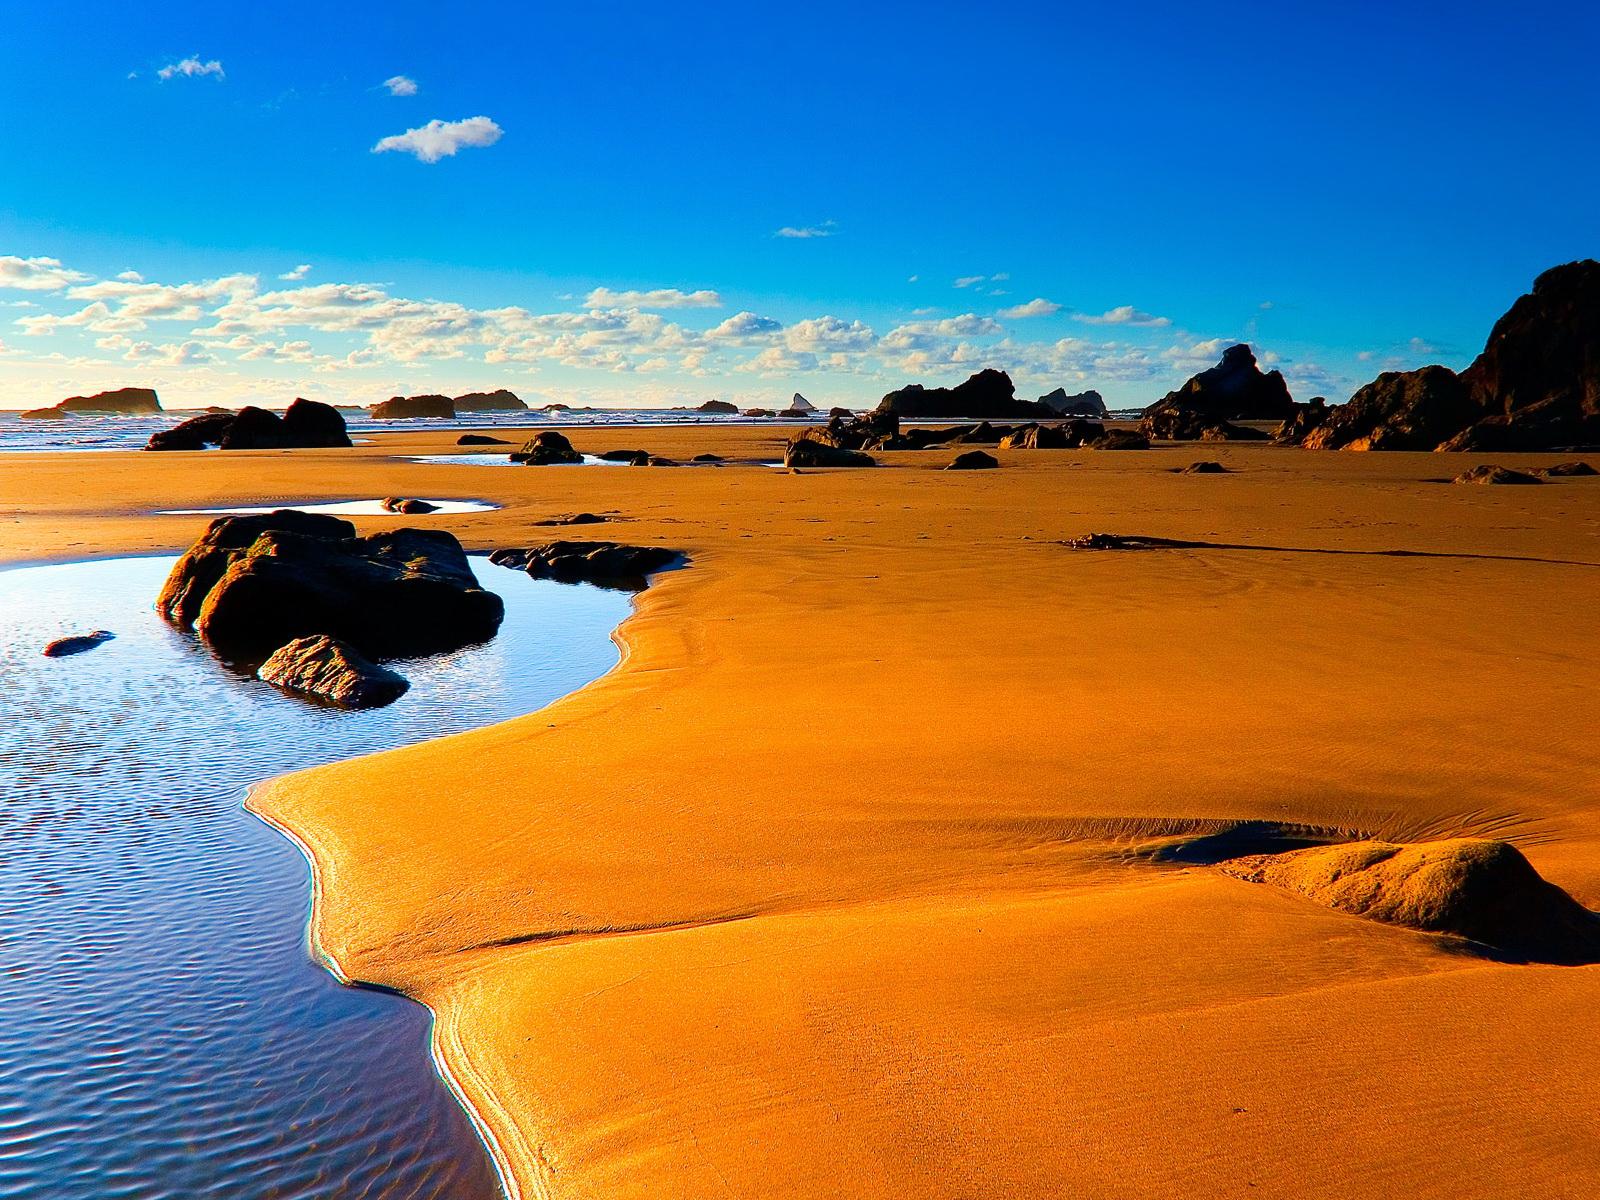 landscape wallpaper desert